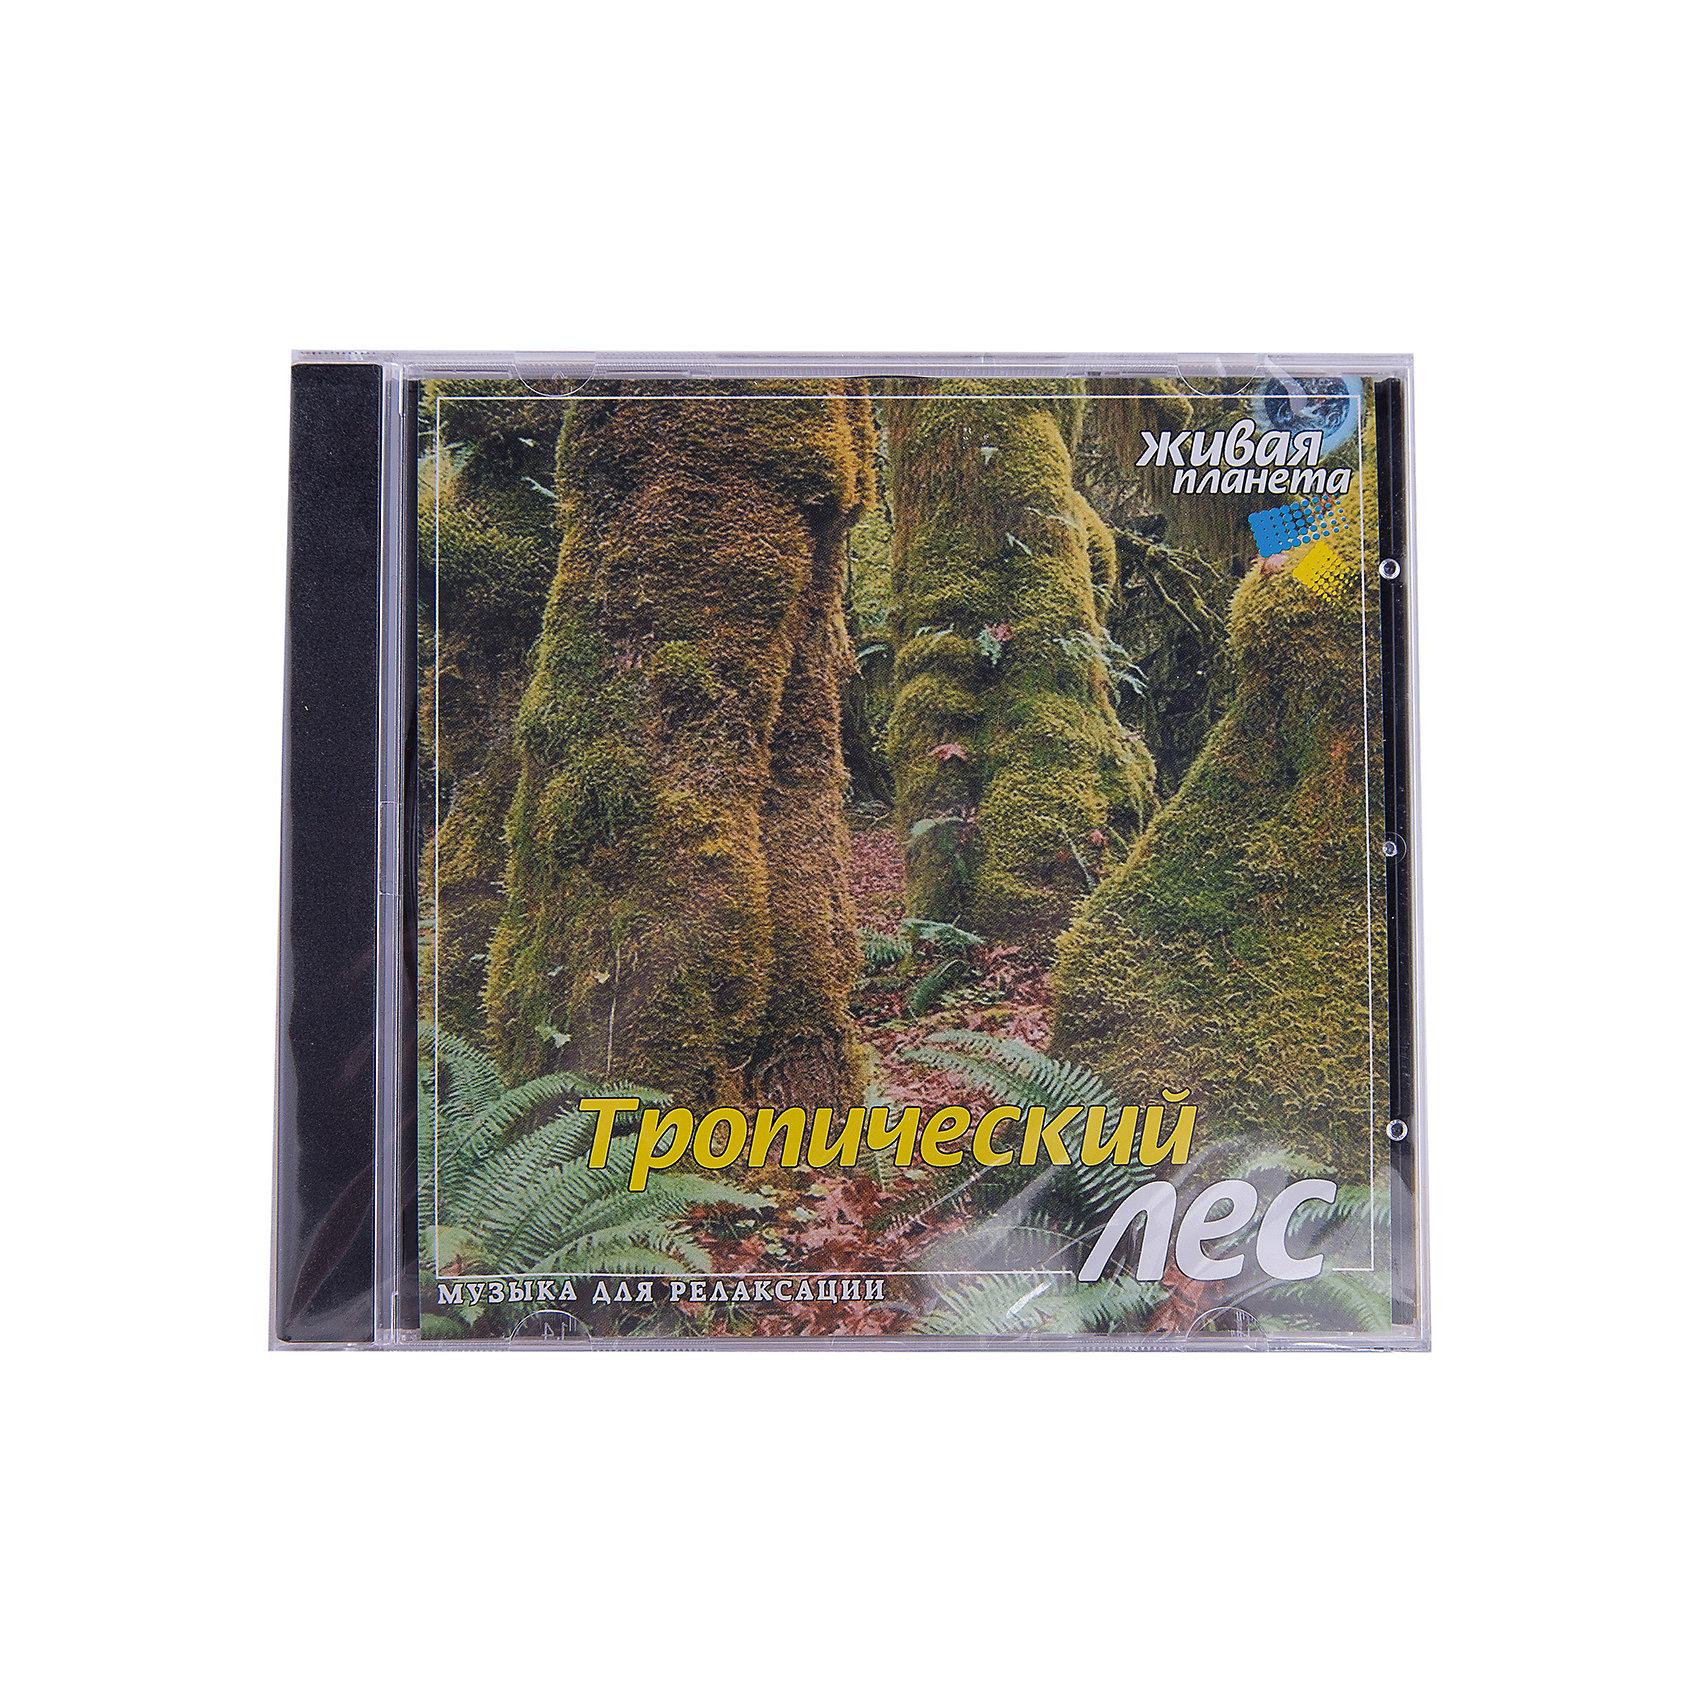 CD Тропический лесБи Смарт<br>Бродя по нашим, европейским лесам, трудно представить, какие звуки может услышать путешественник, пробирающийся через чащу тропических джунглей. И этот диск поможет Вам в этом. Вы услышите и рык тигров, и крики орангутангов, и шелест листьев африканских пальм.<br><br>Ширина мм: 142<br>Глубина мм: 100<br>Высота мм: 125<br>Вес г: 79<br>Возраст от месяцев: 36<br>Возраст до месяцев: 2147483647<br>Пол: Унисекс<br>Возраст: Детский<br>SKU: 5614925